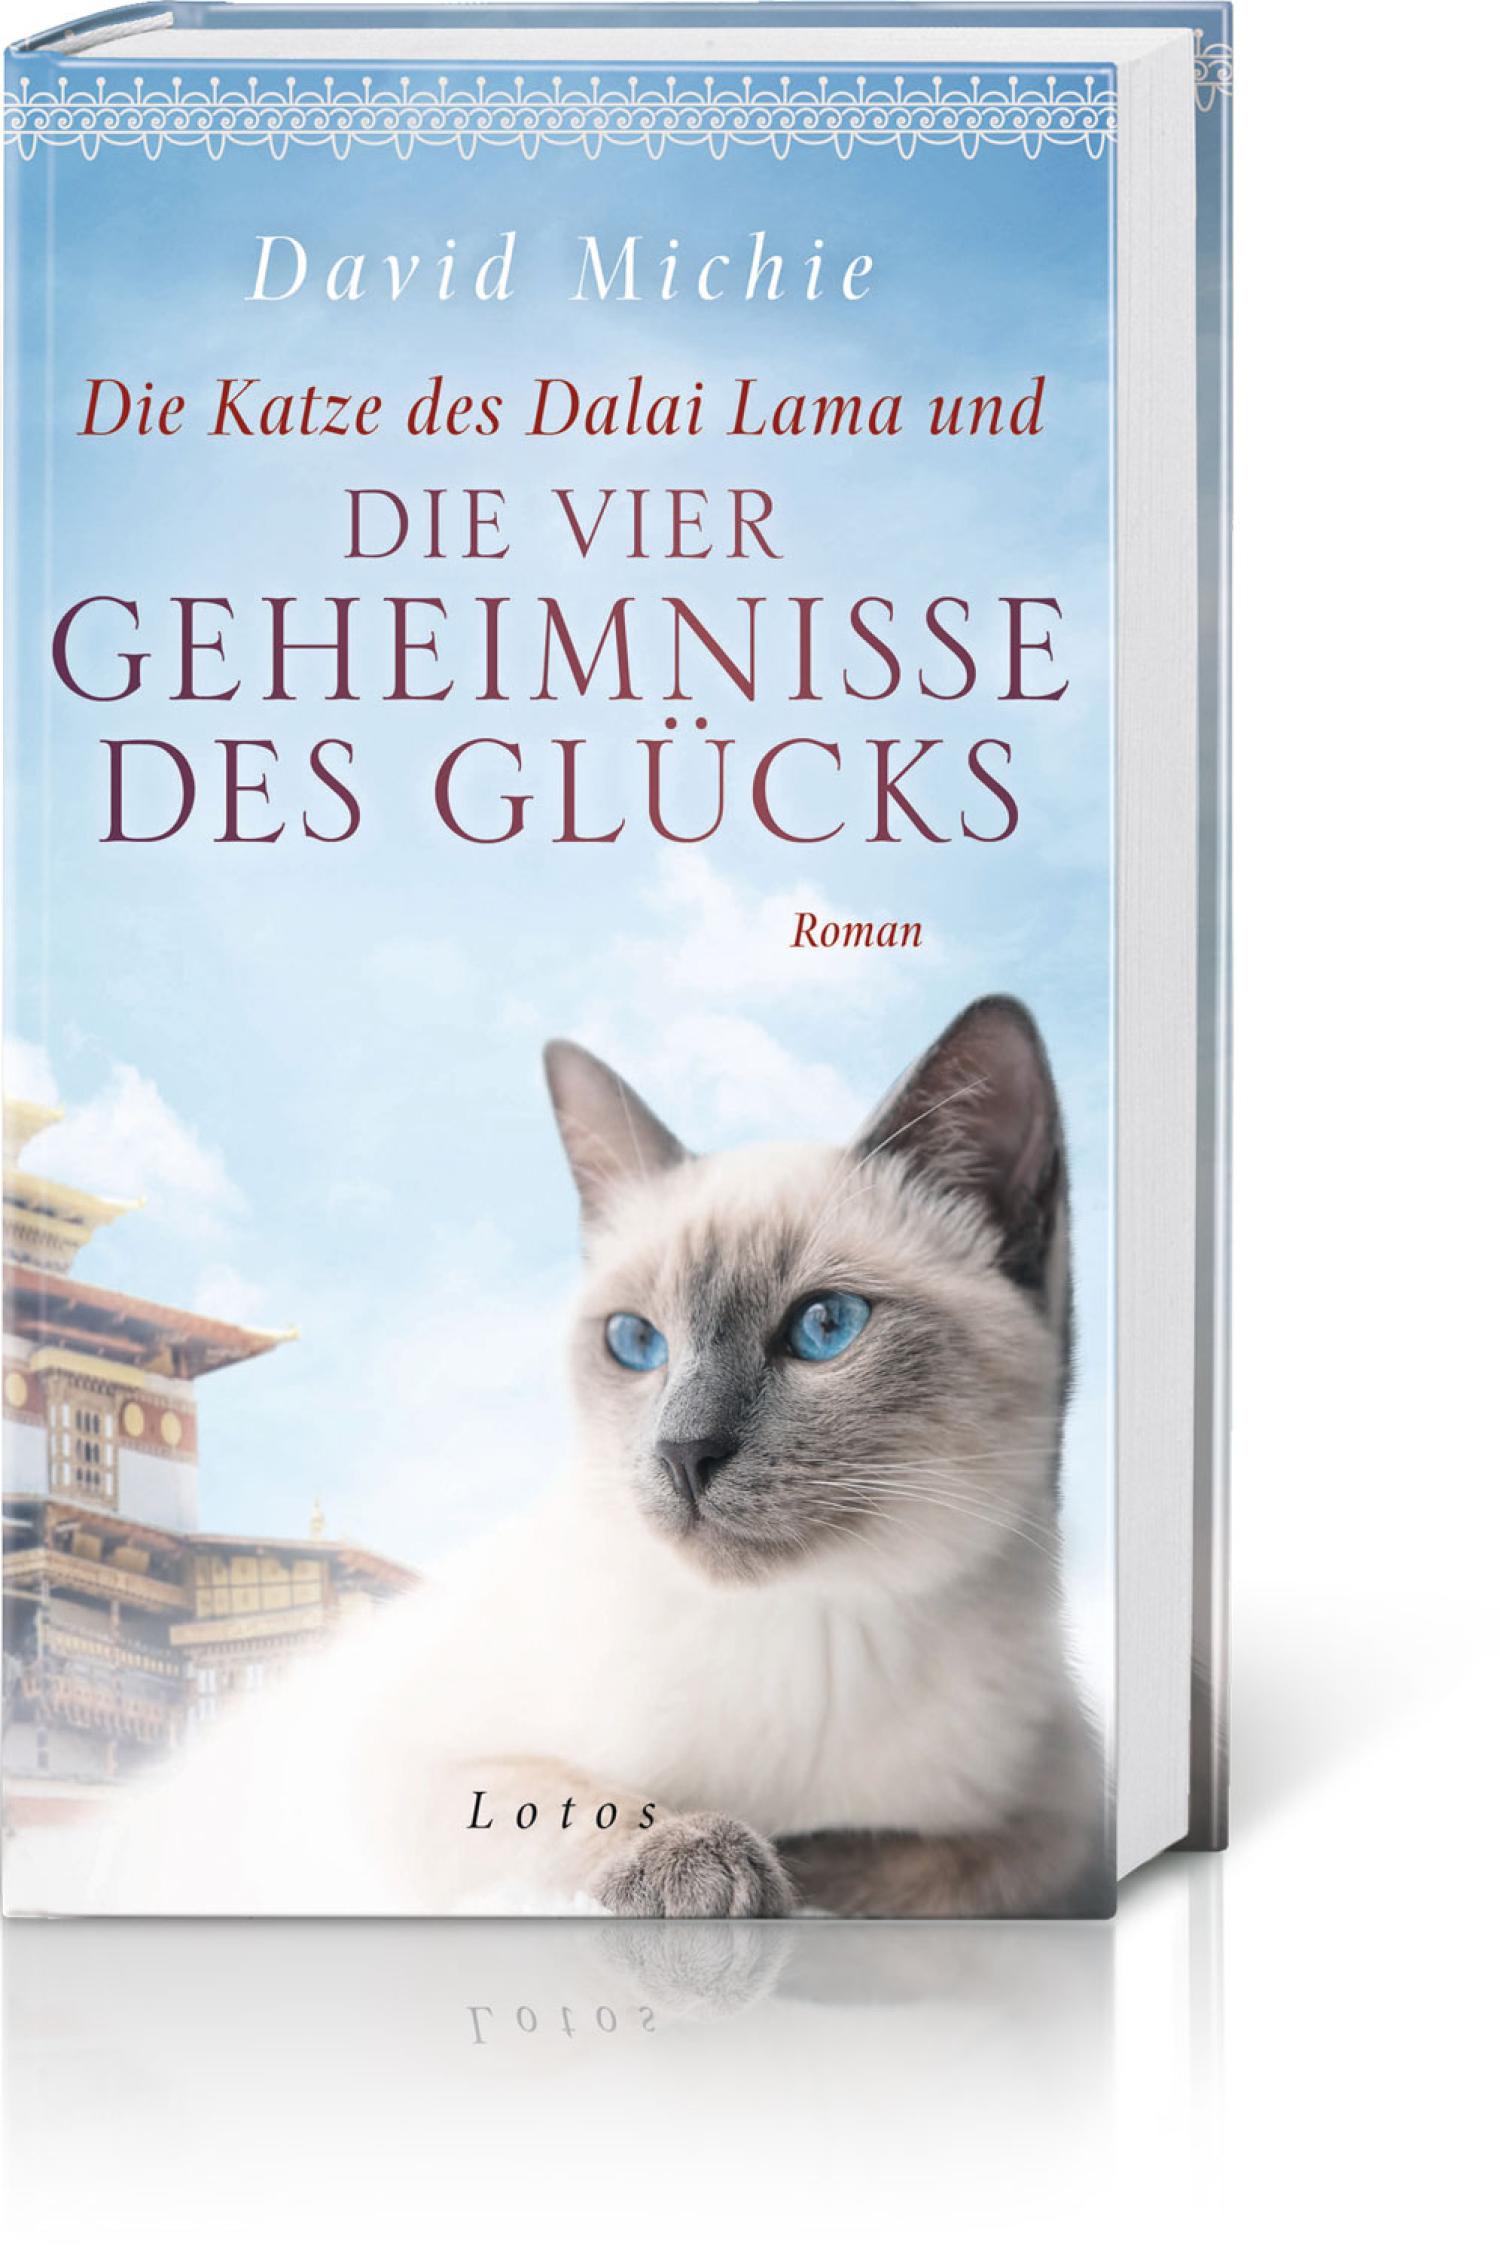 Die Katze des Dalai Lama und die vier Geheimnisse des Glücks, Produktbild 1